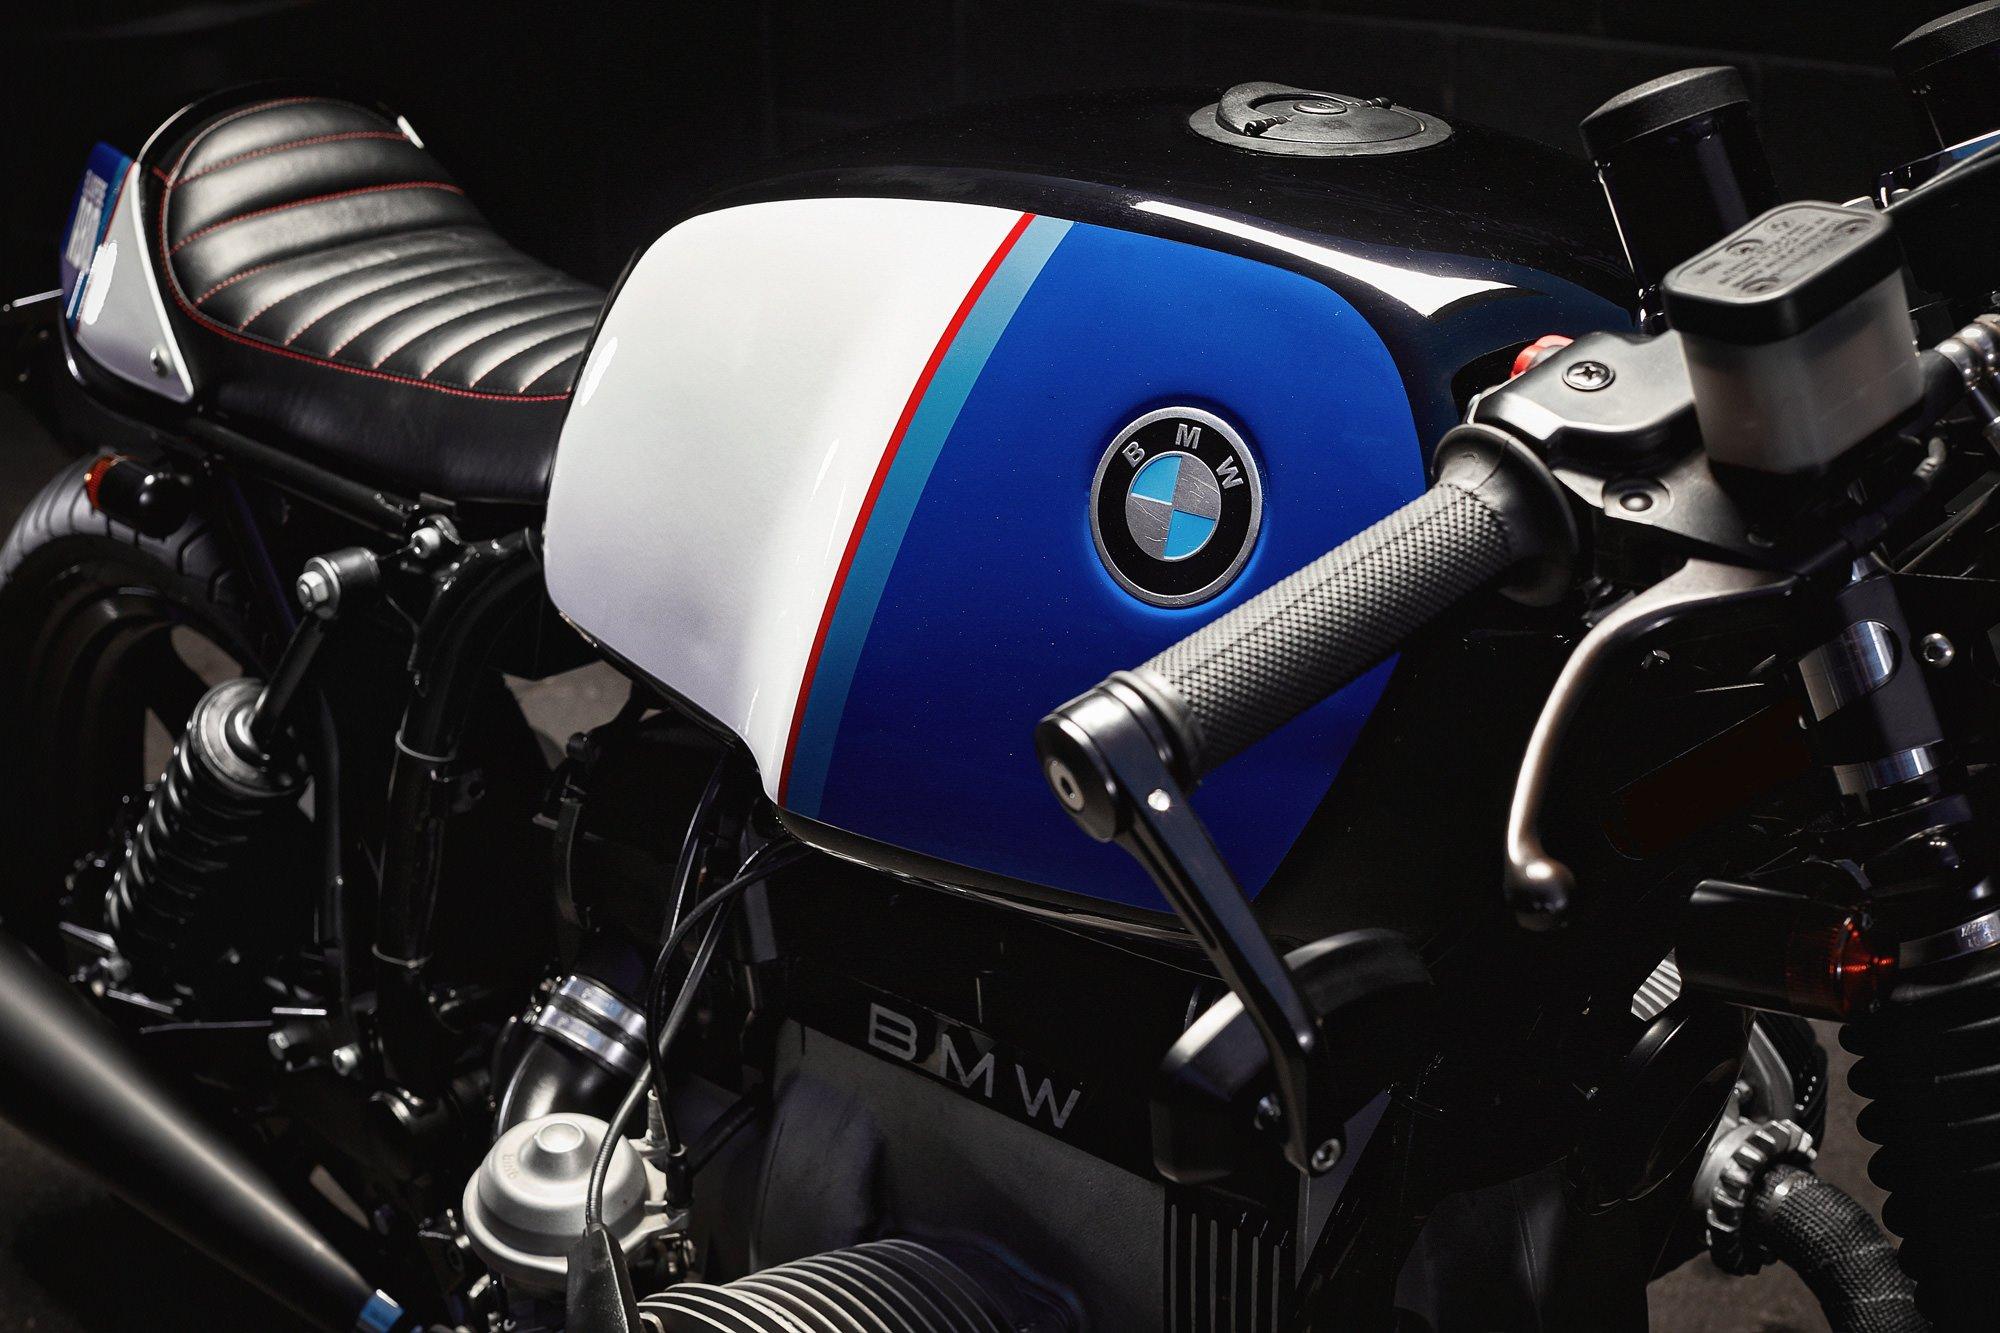 Ellaspede EB627 BMWr80 06b - Ellaspede BMW R80